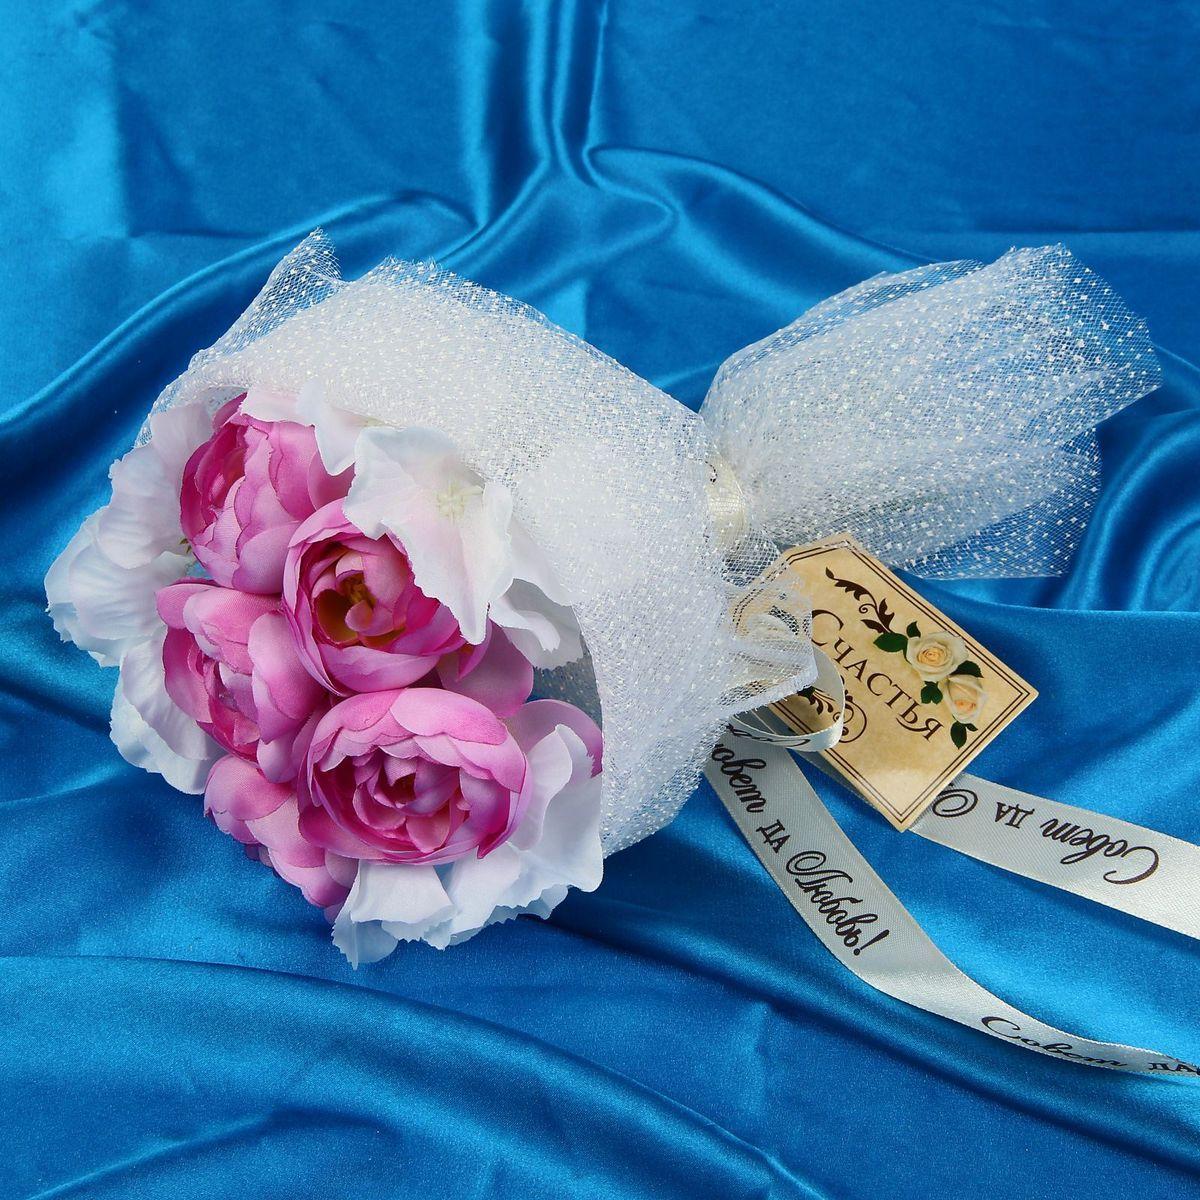 Букет-дублер Sima-land Прованс чайные розы, гортензии, цвет: белый, розовый1212627Свадьба — одно из главных событий в жизни человека. В такой день всё должно быть безупречно, особенно букет невесты. Но кидать, по старой традиции, цветочную композицию подругам не всегда удобно, и на помощь приходит букет-дублер Прованс чайные розы, гортензии — красивый и яркий аксессуар. Стебли оформлены лентой с надписью Совет да любовь. Букет дополнен шильдом с тёплым пожеланием. После торжества он украсит любой интерьер, ведь нежные цветы из текстиля не завянут и не помнутся.